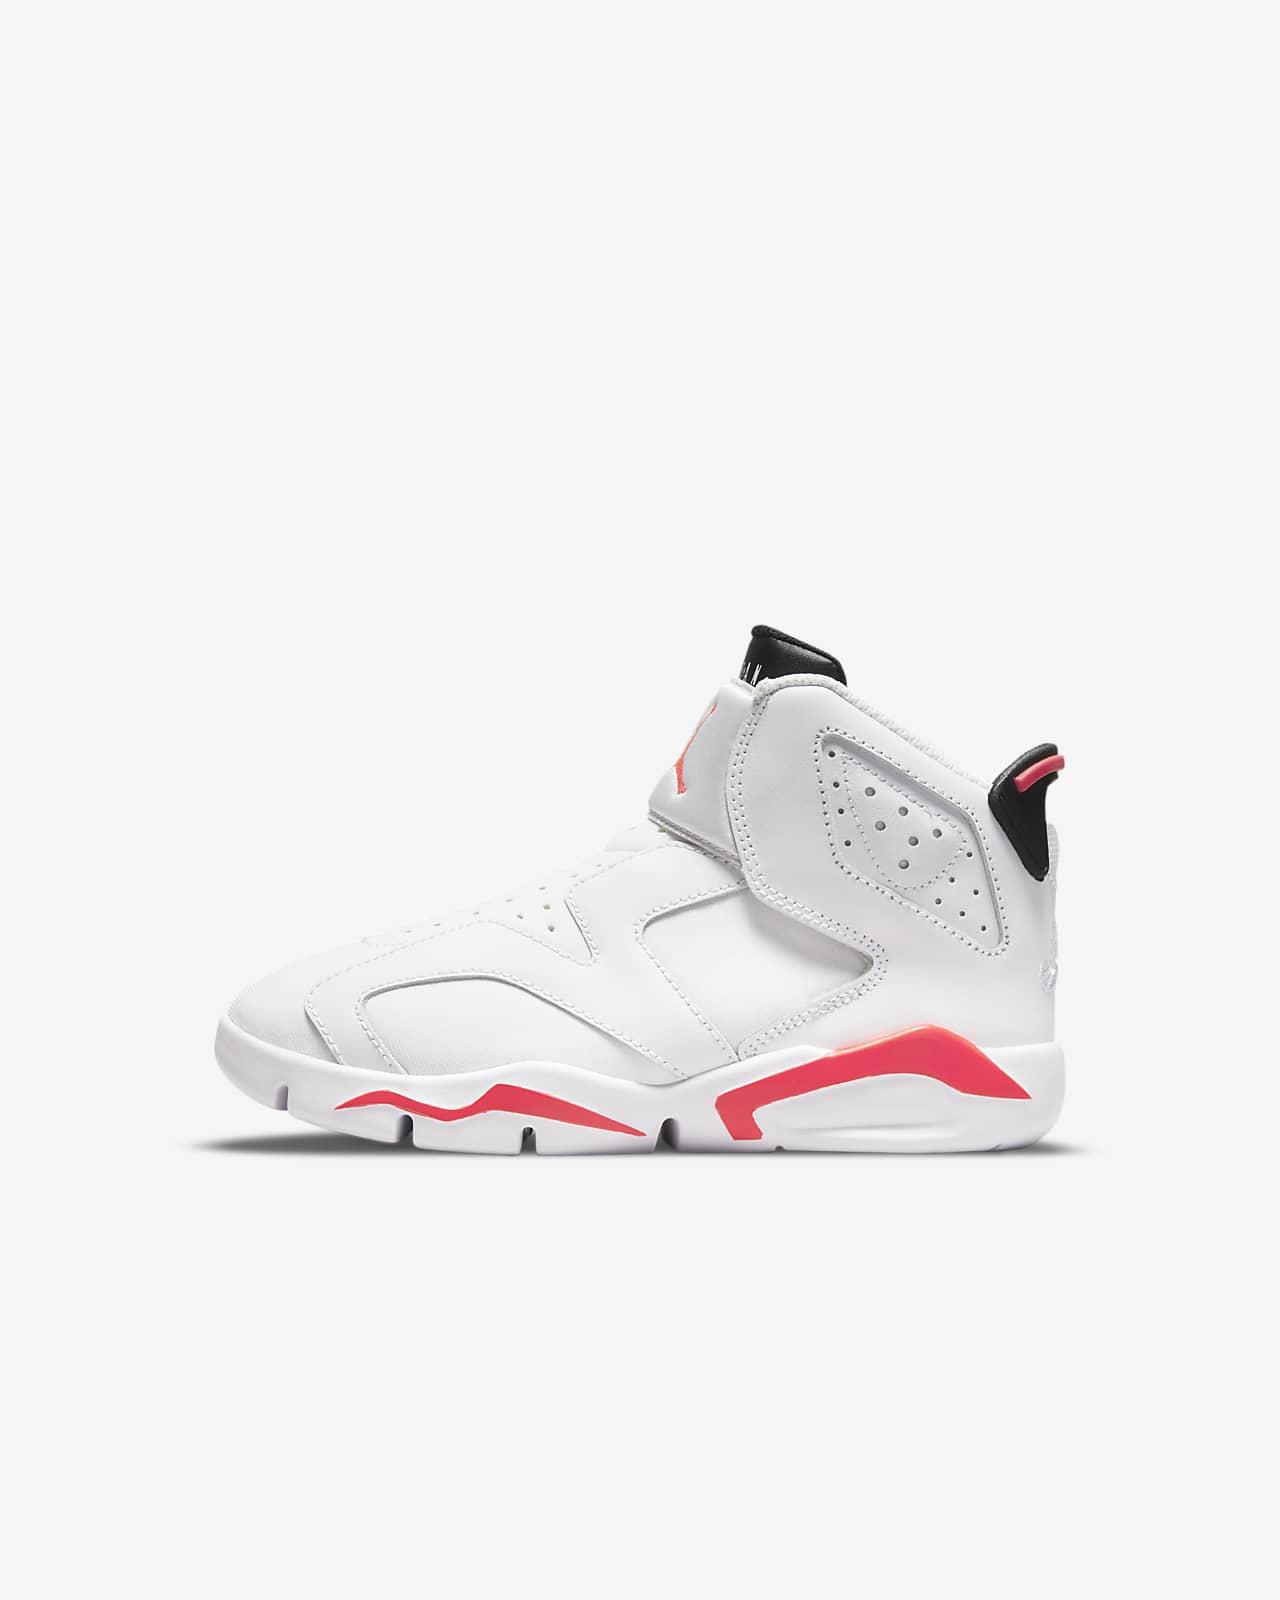 Jordan 6 Retro Little Flex Little Kids' Shoes